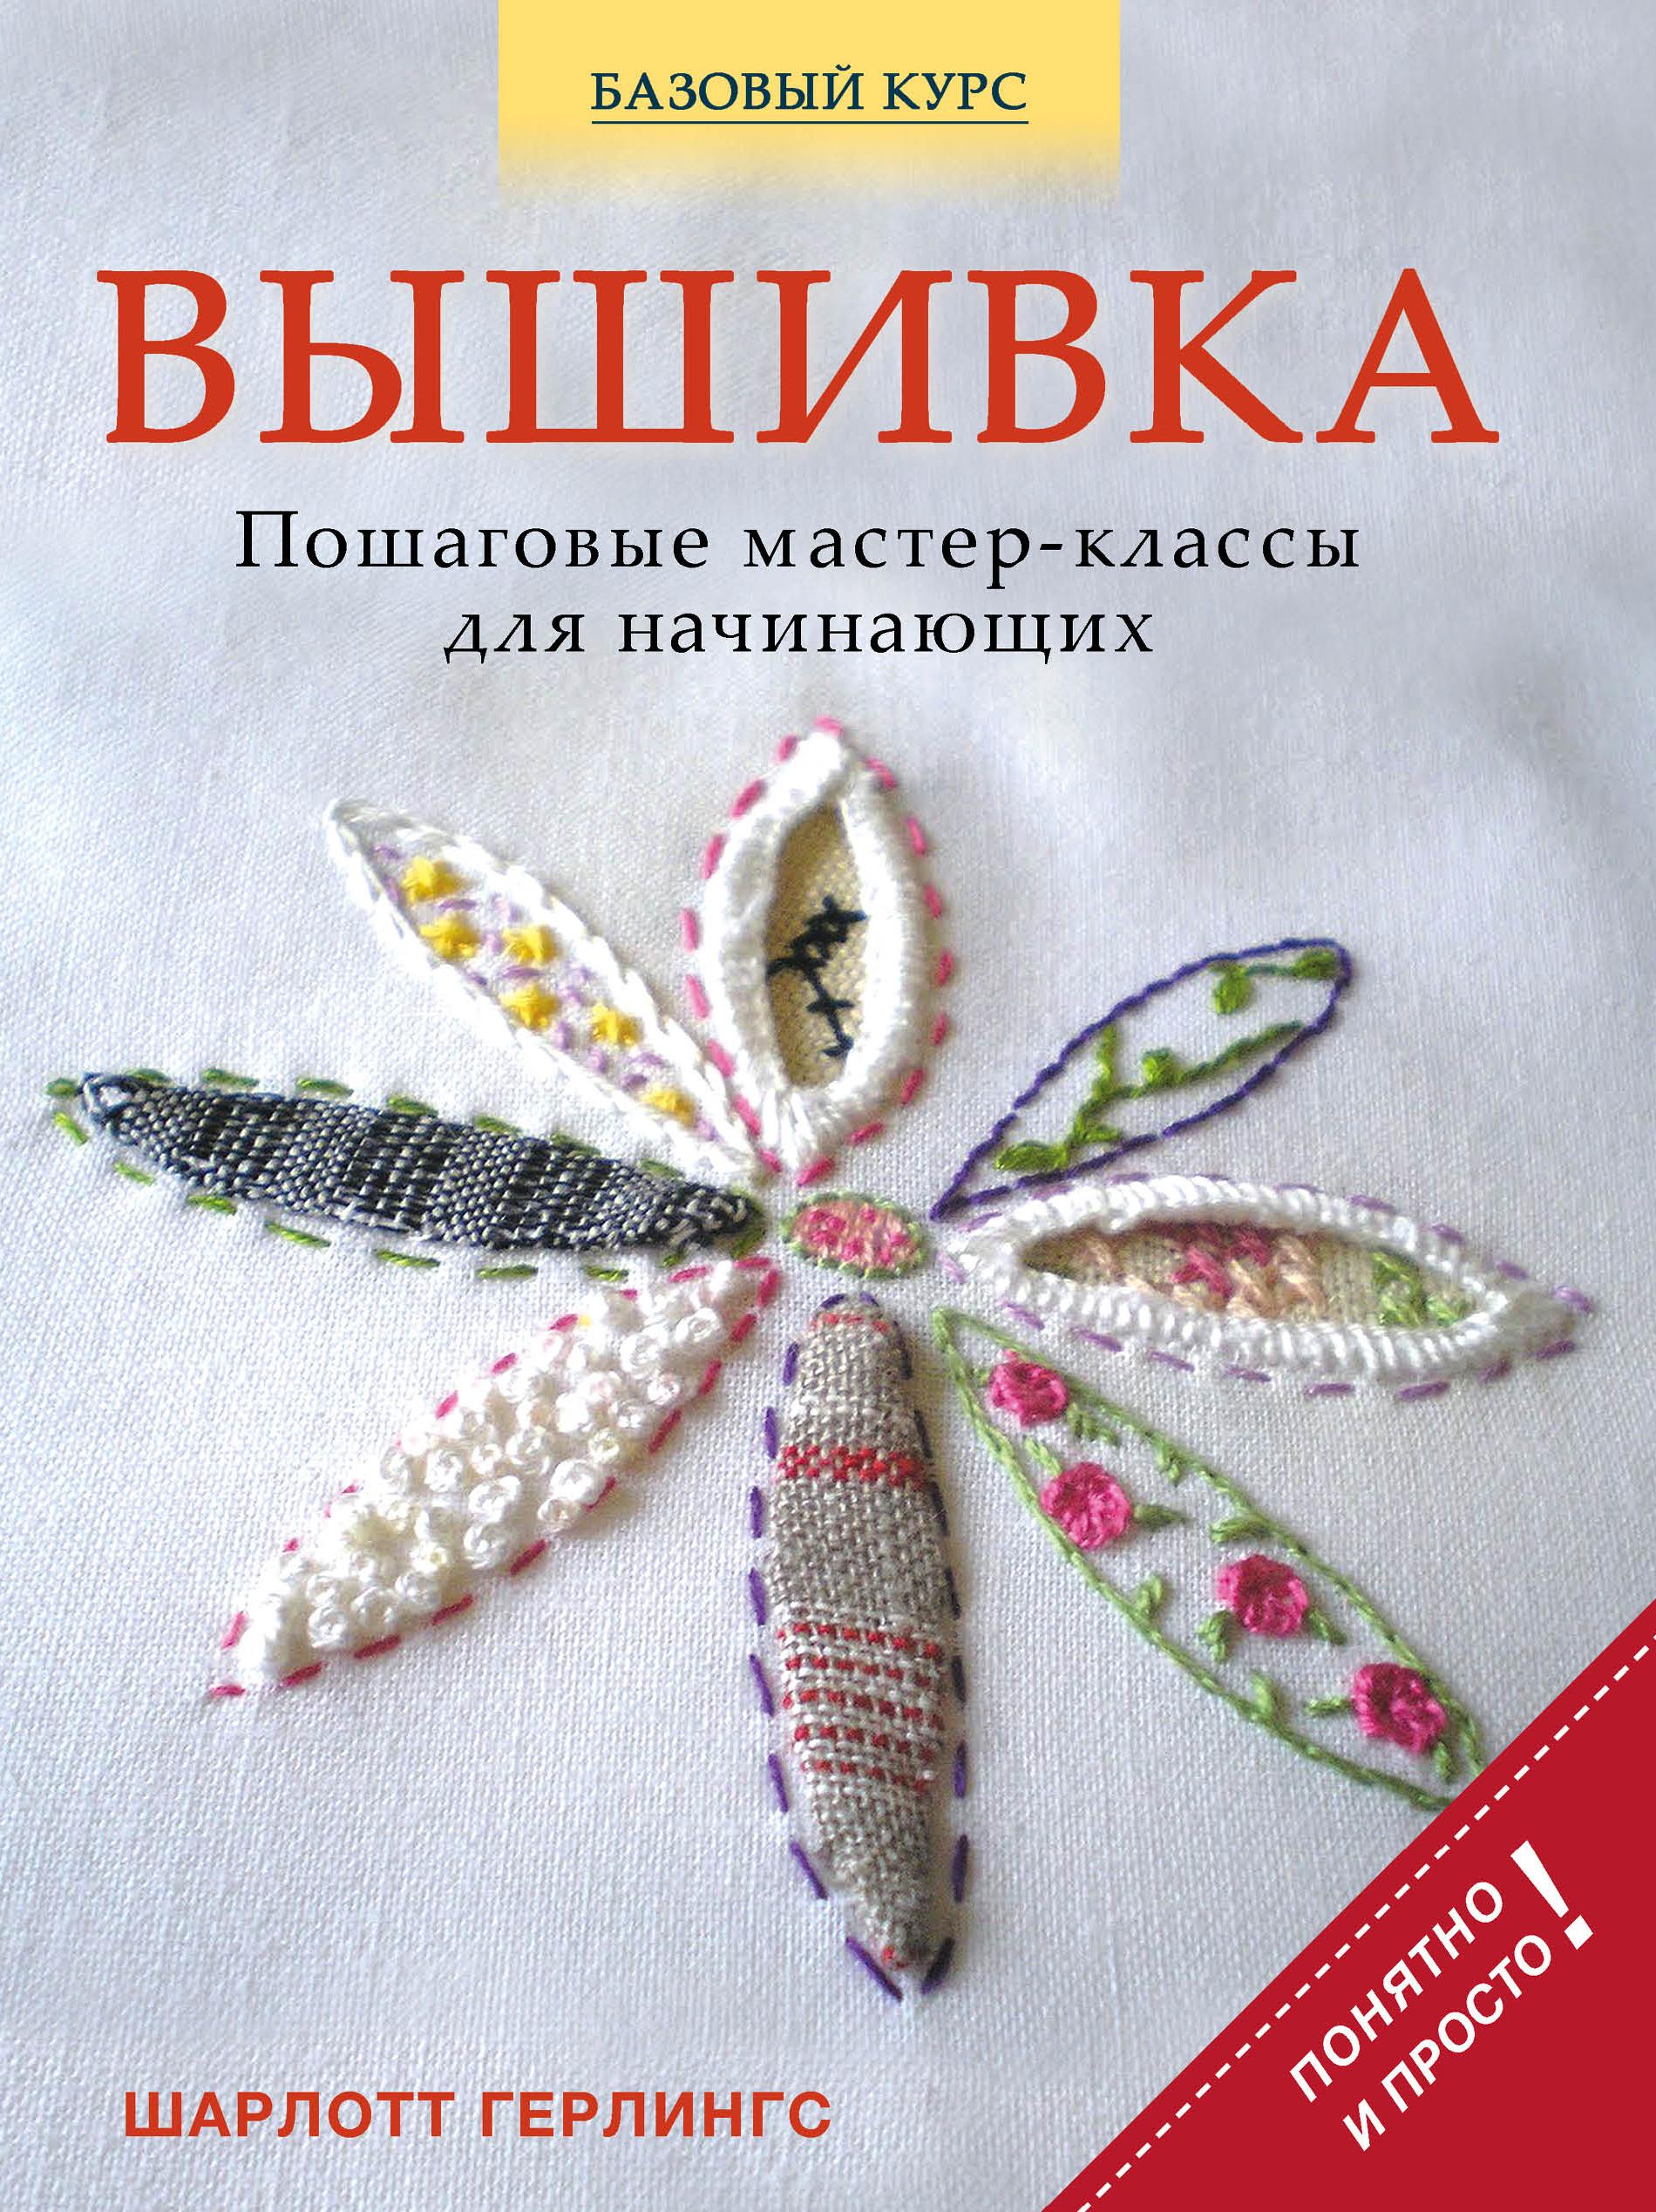 Вышивка: пошаговые мастер-классы для начинающих от book24.ru